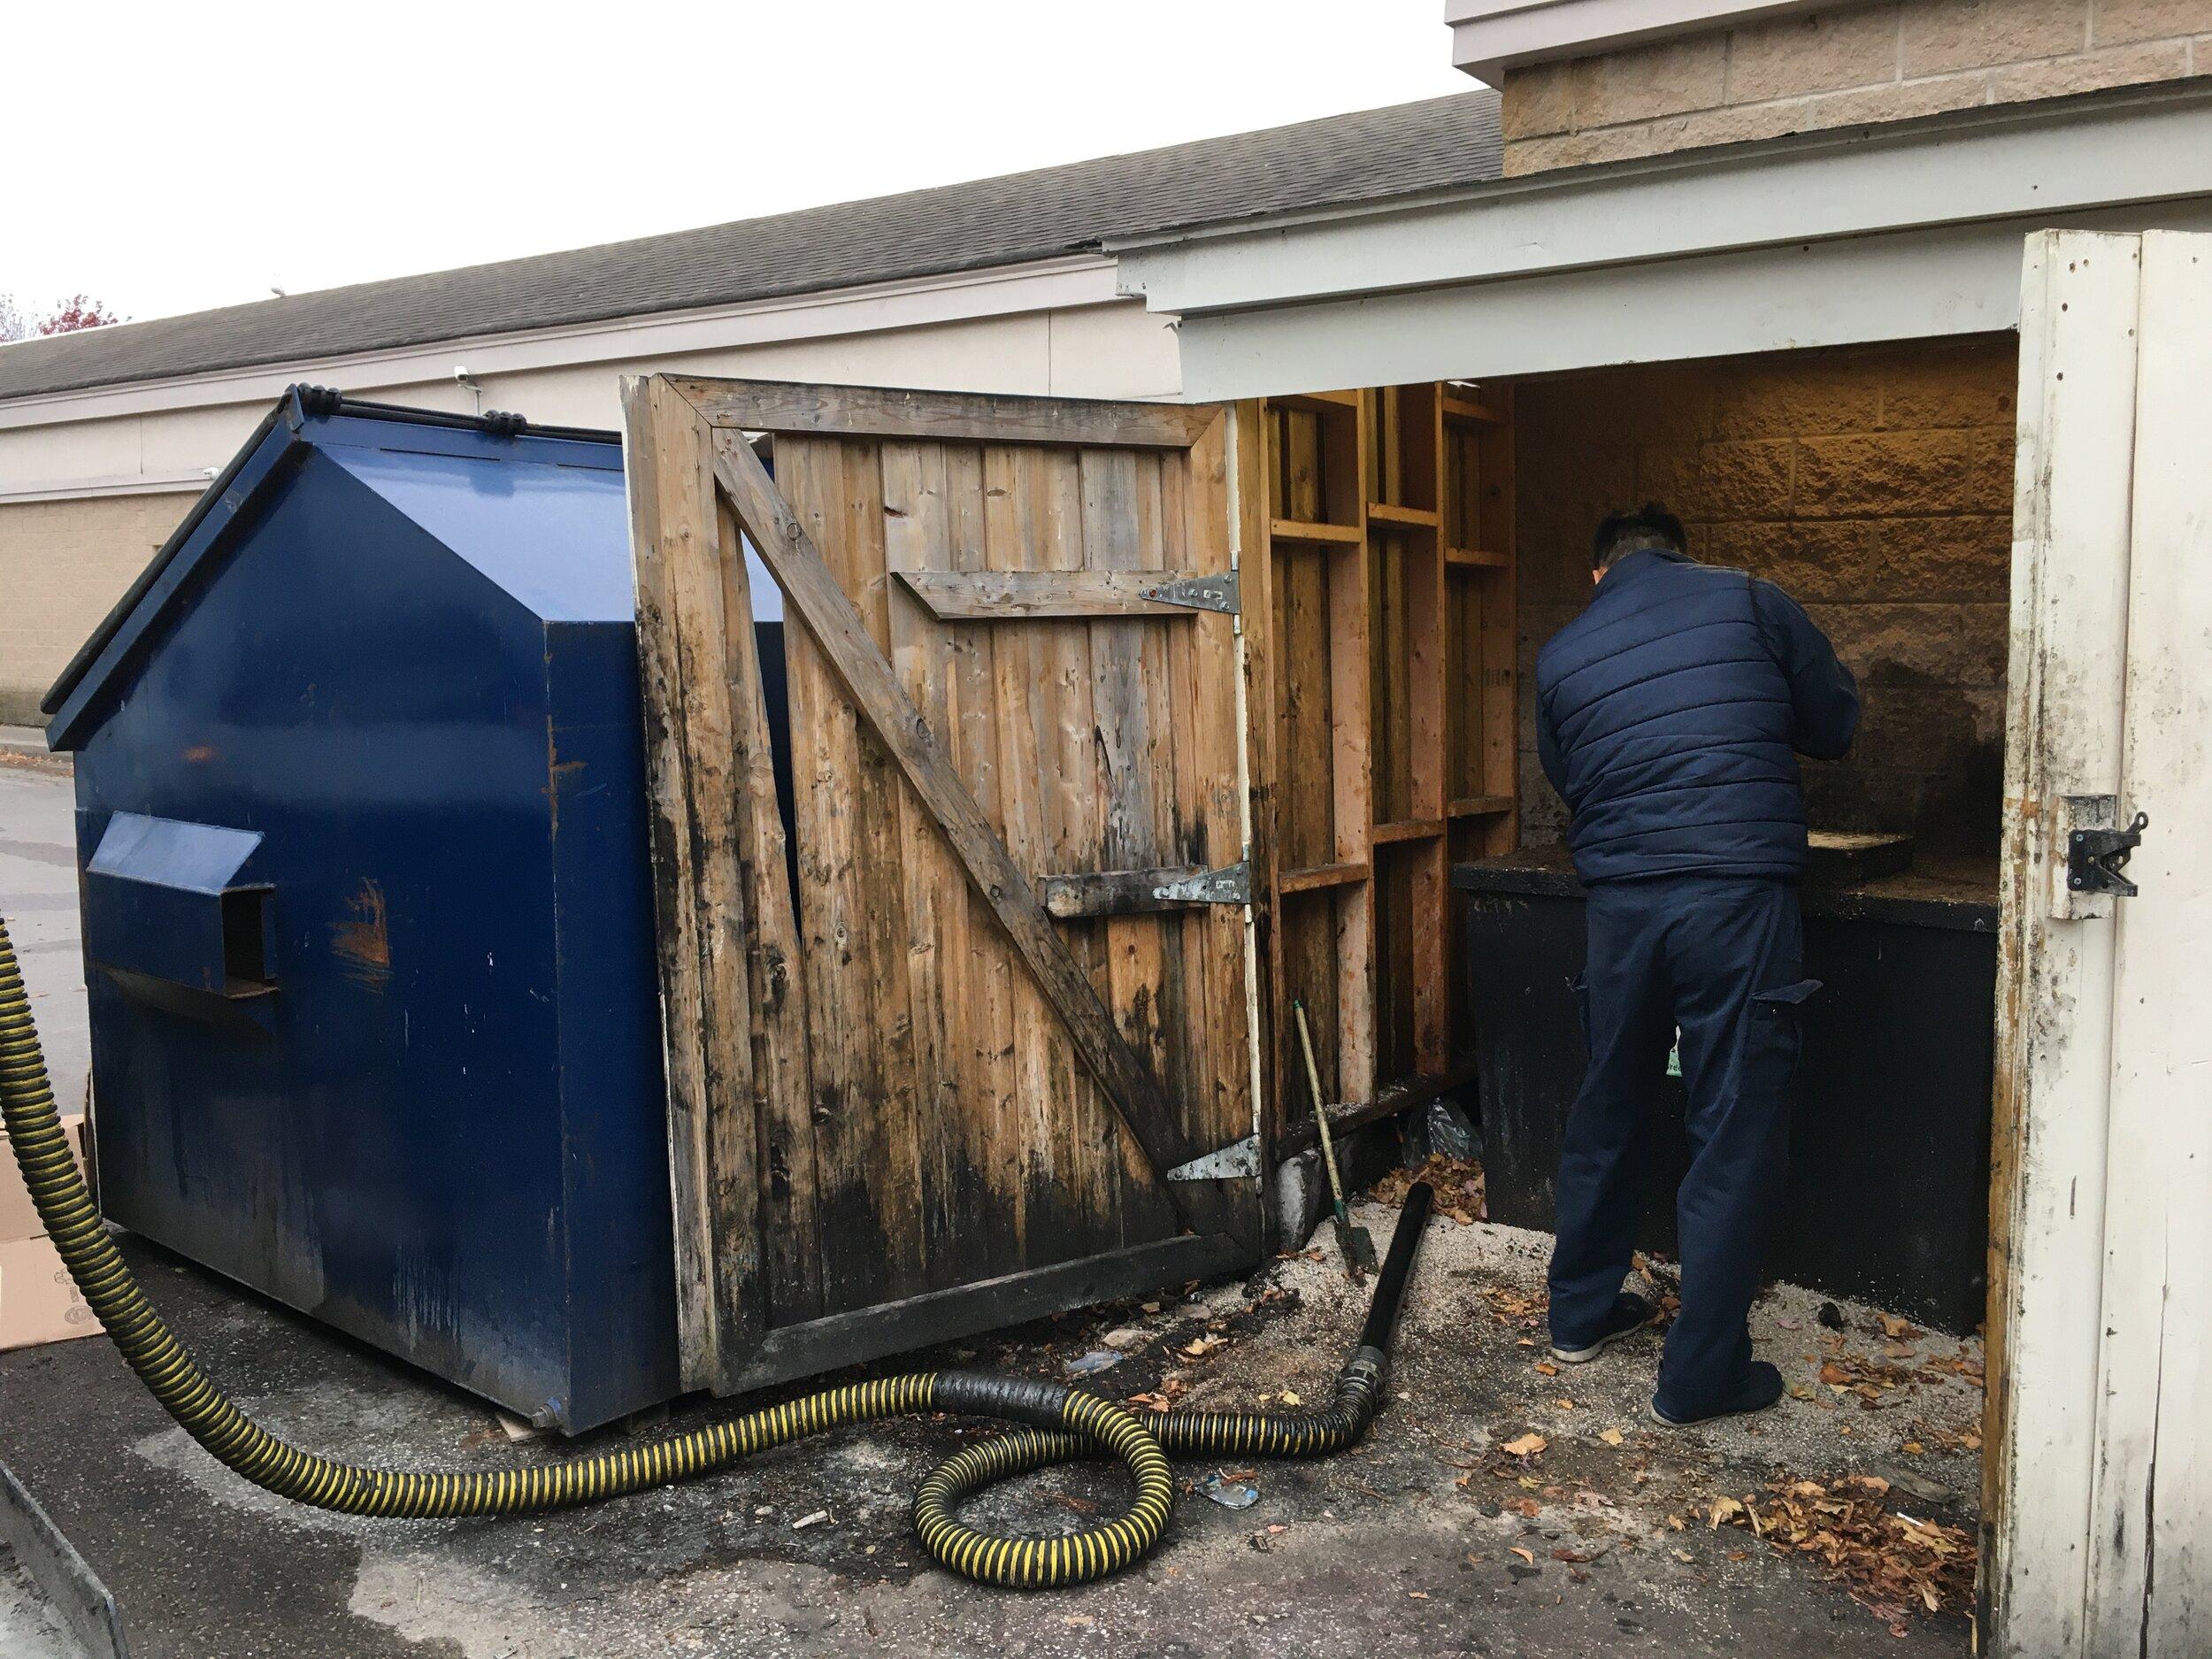 Bin installed in a shack.